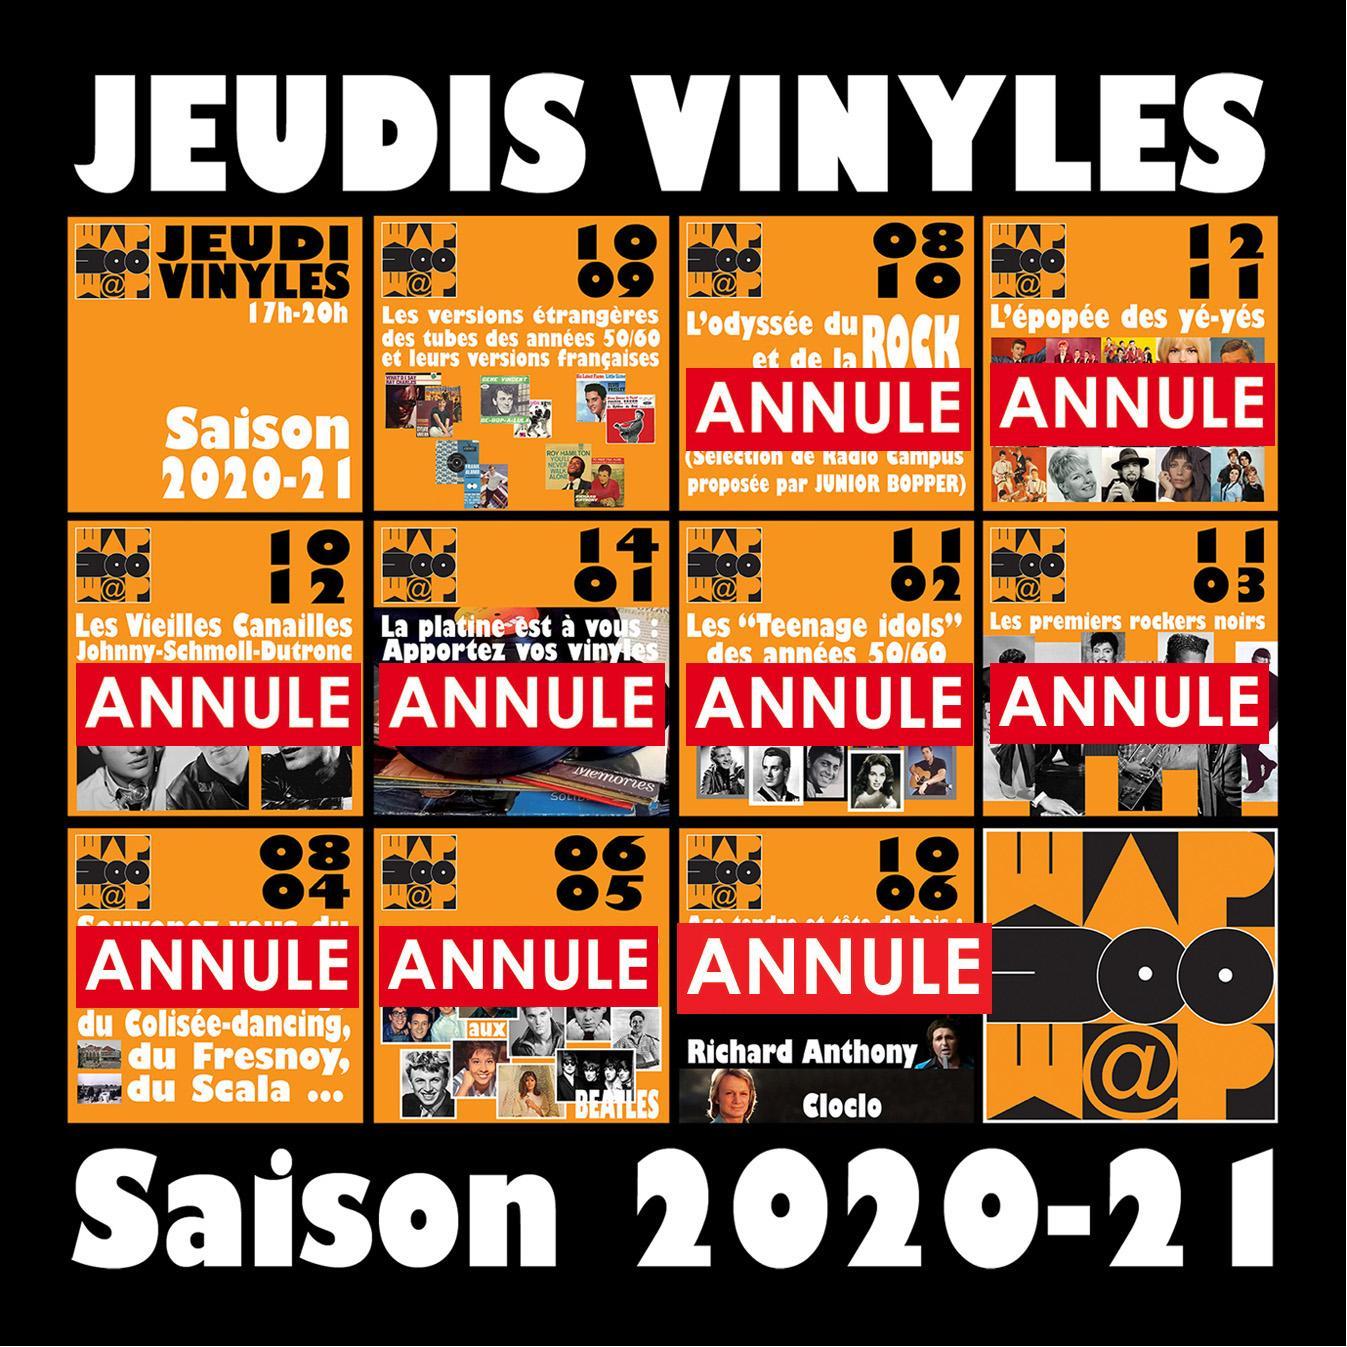 Jeudi vinyles annules copie 5